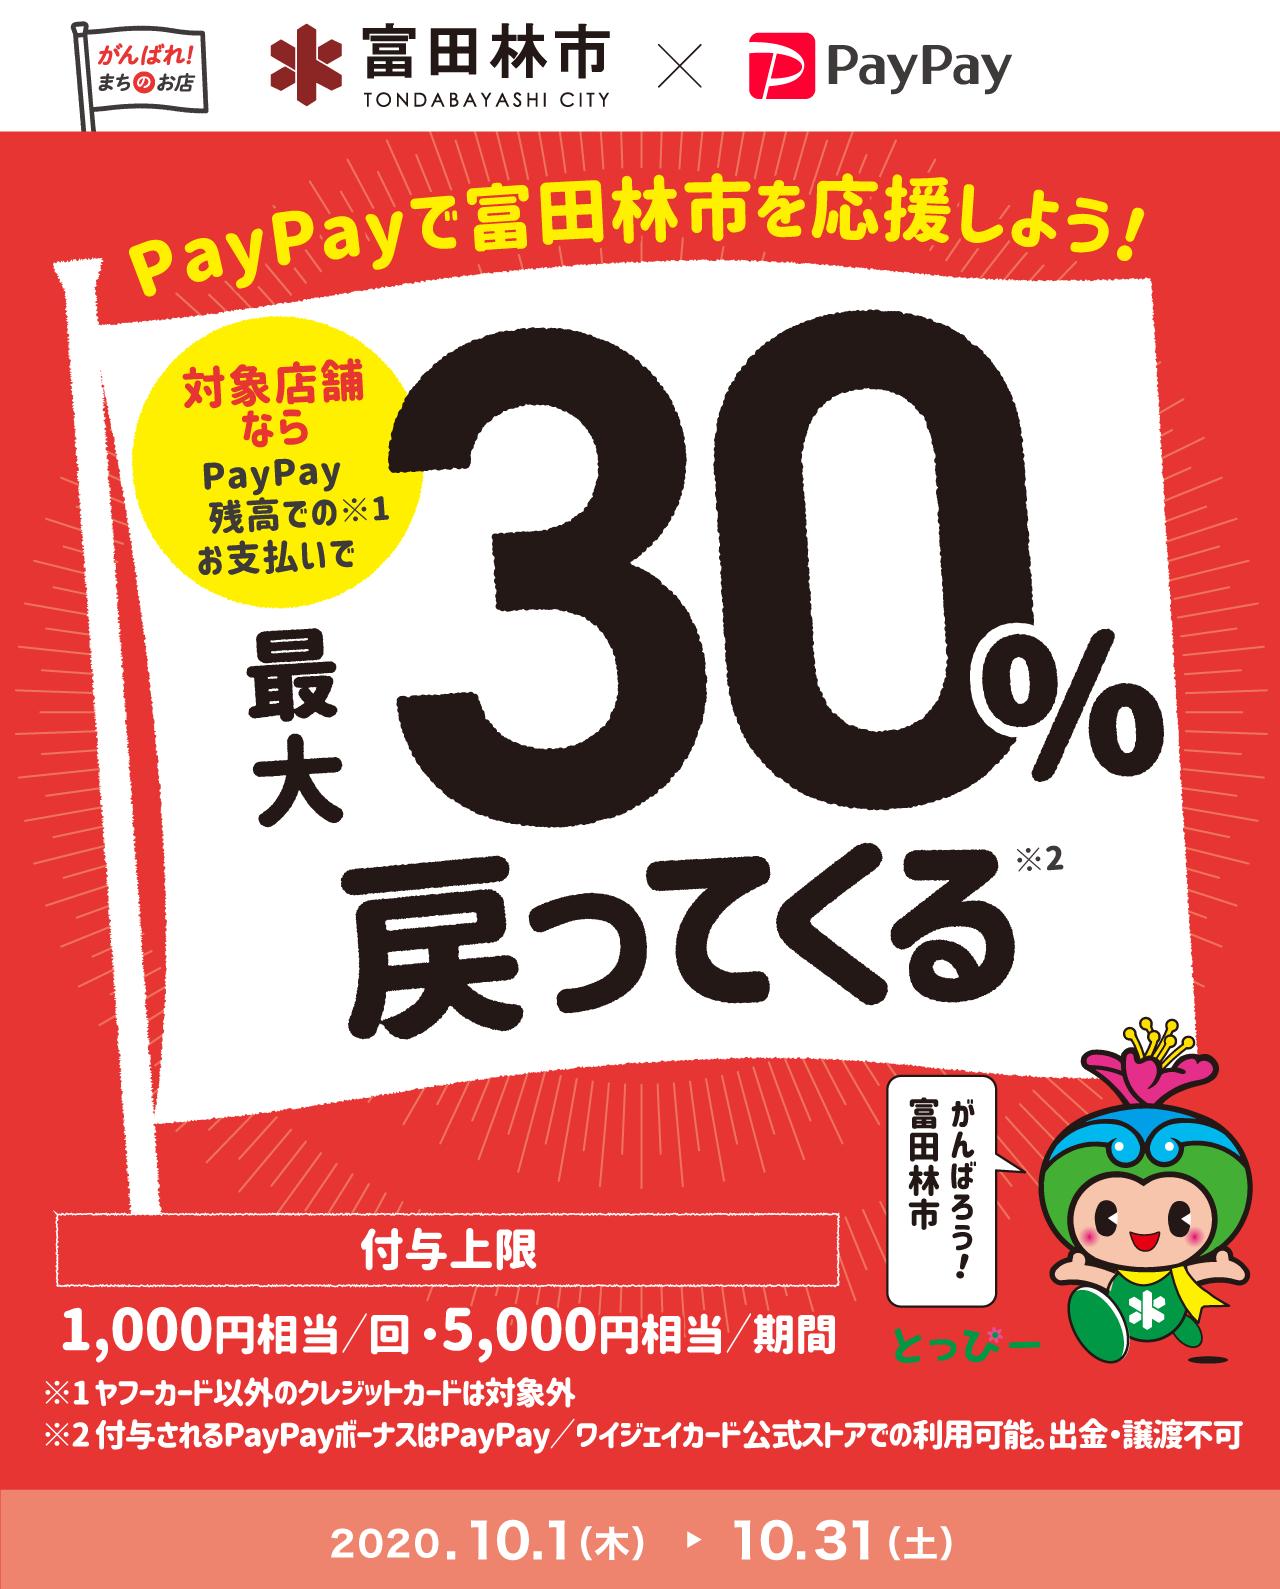 PayPayで富田林市を応援しよう! 対象店舗ならPayPay残高でのお支払いで最大30%戻ってくる